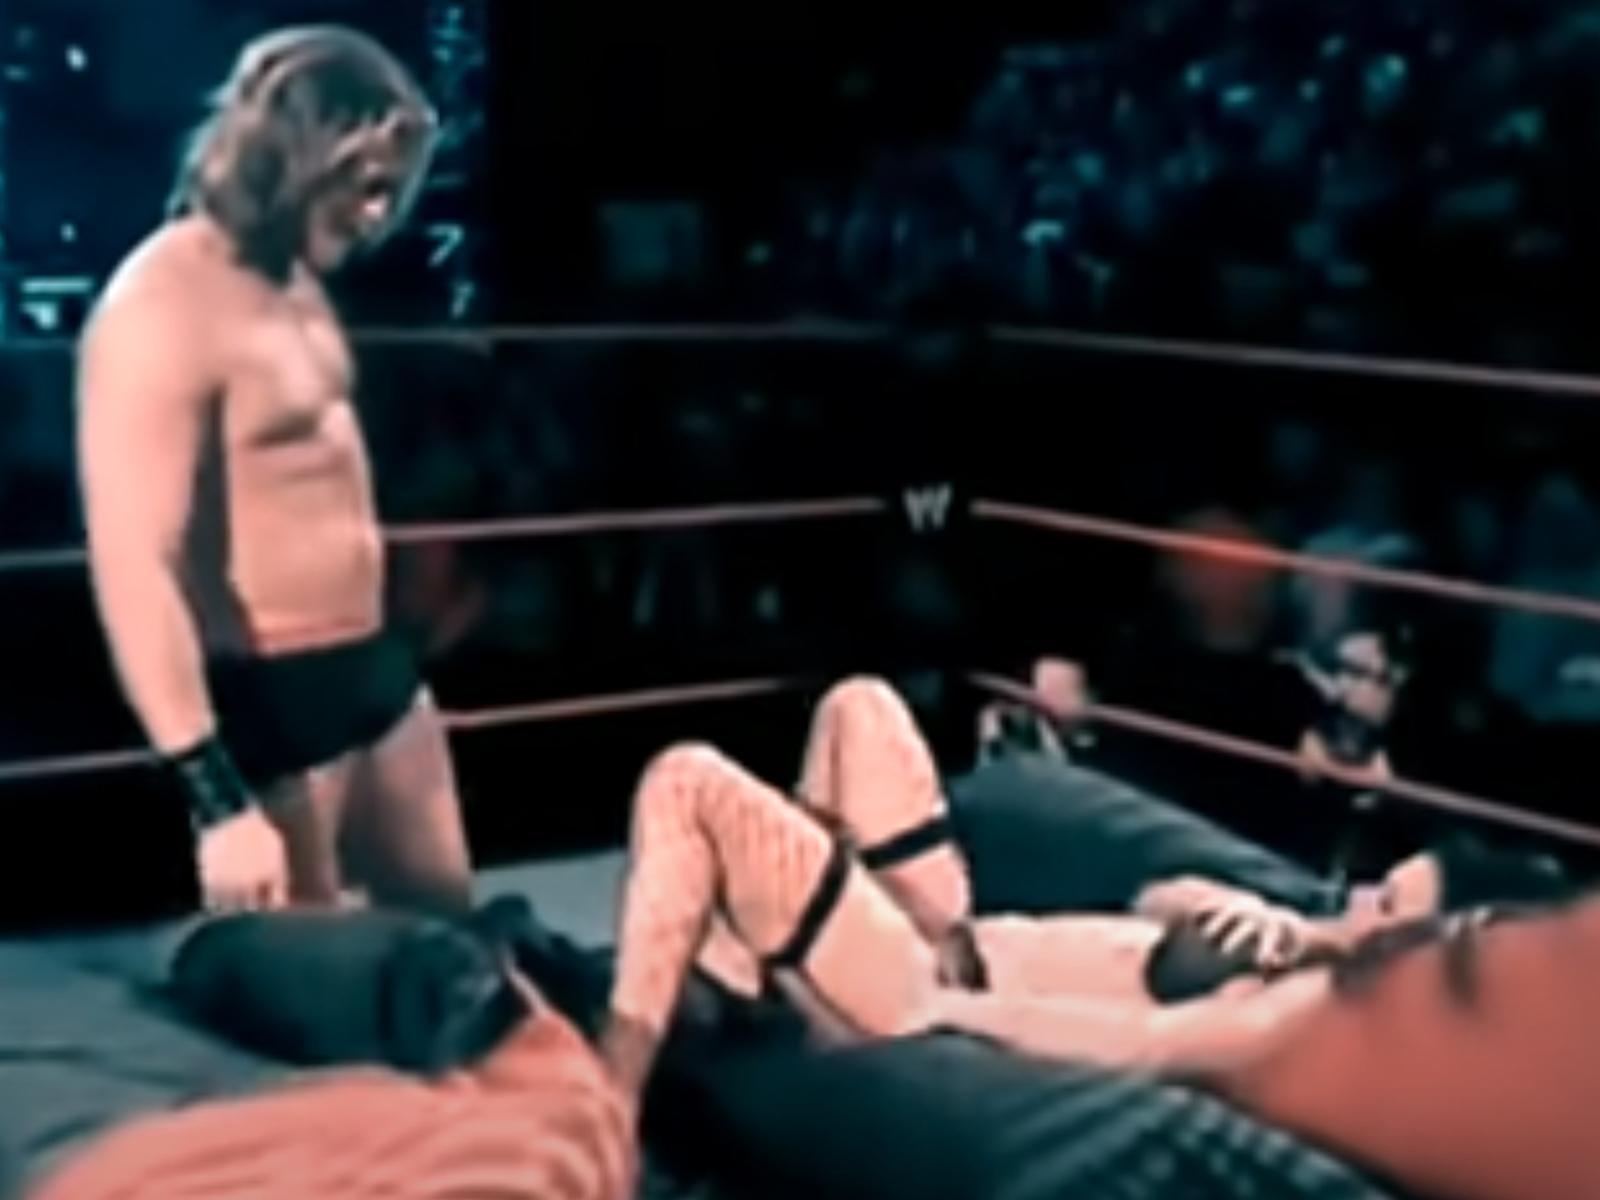 Wrestlerin paige nackt